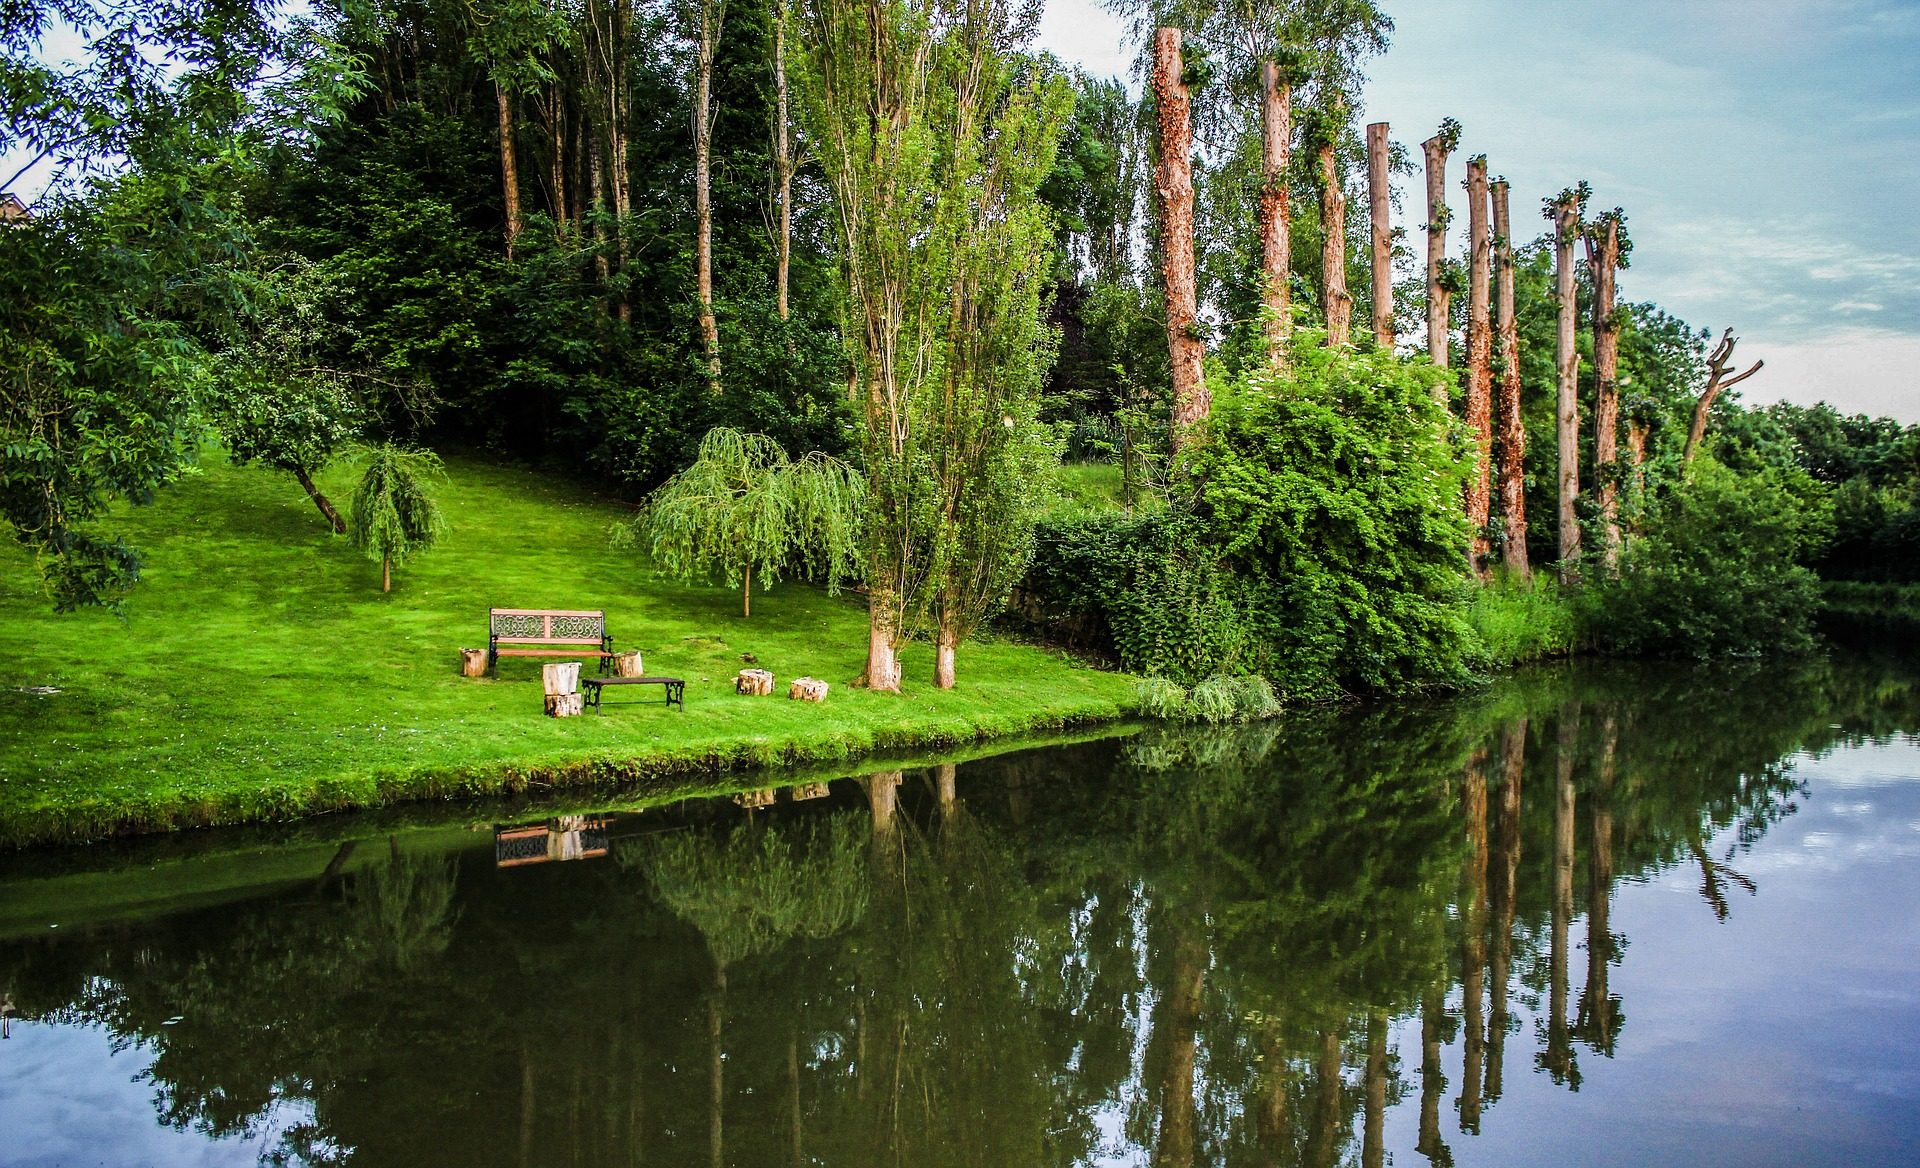 مقعد, بحيرة, الغابات, انعكاس, الأشجار, المياه, الاسترخاء - خلفيات عالية الدقة - أستاذ falken.com